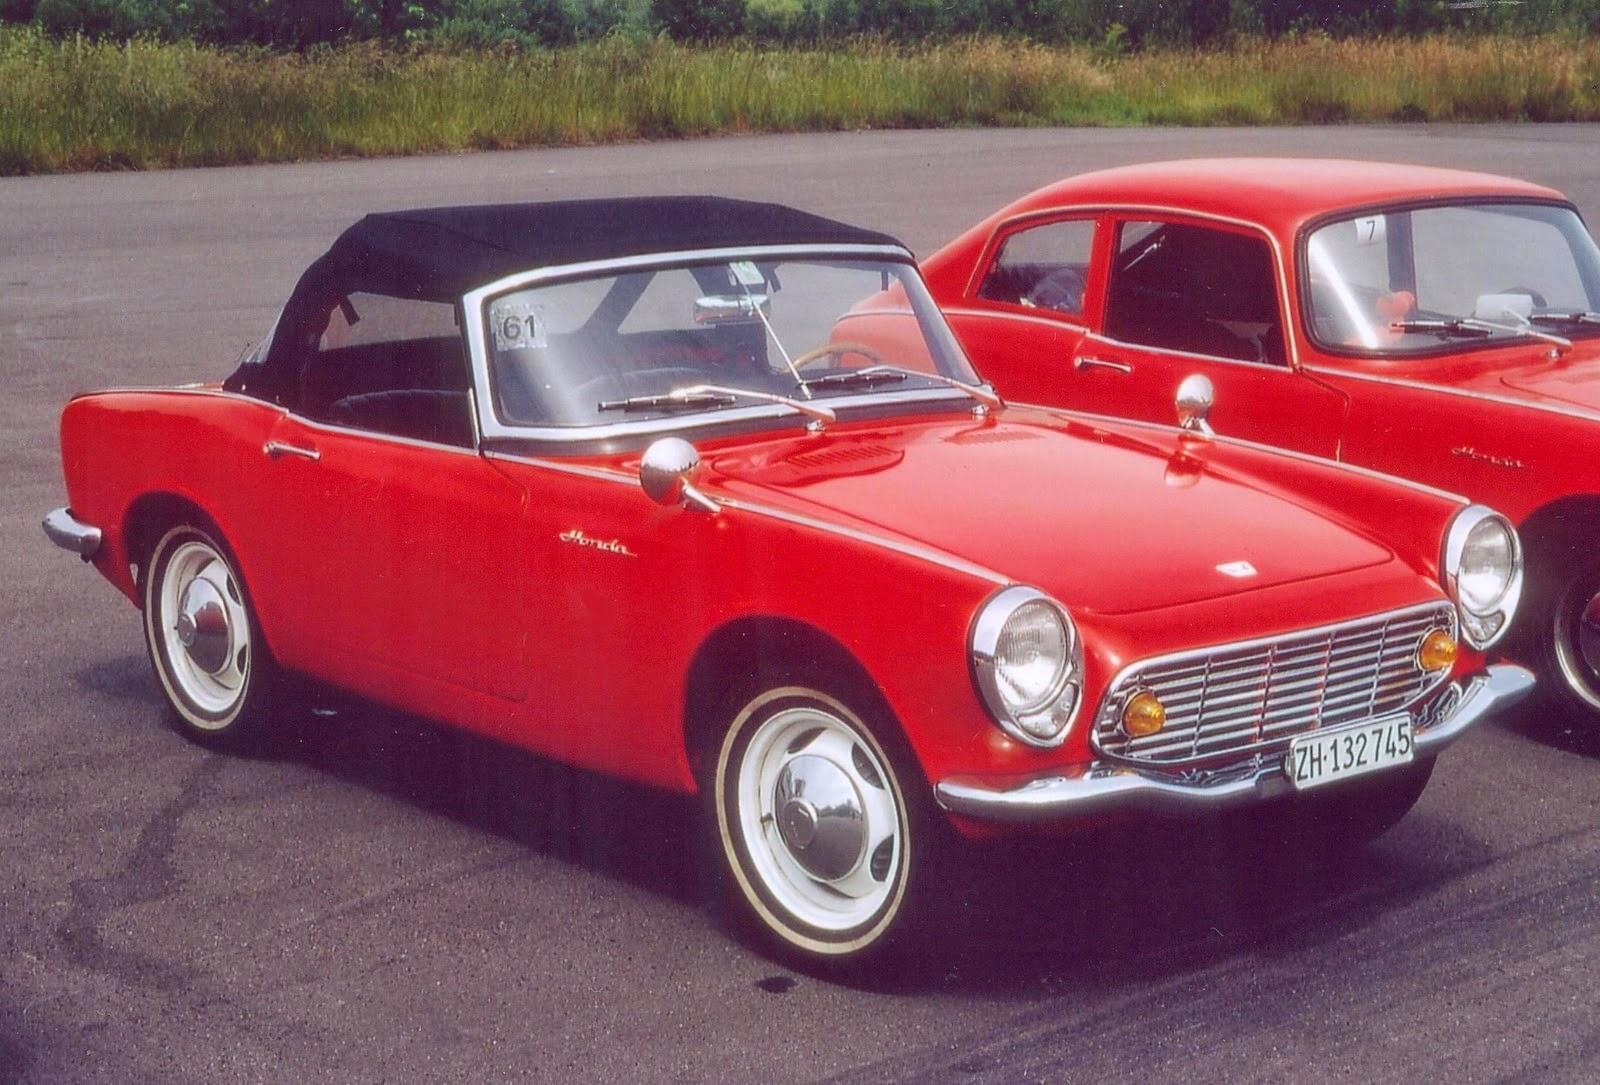 Rare Car of Honda S500...